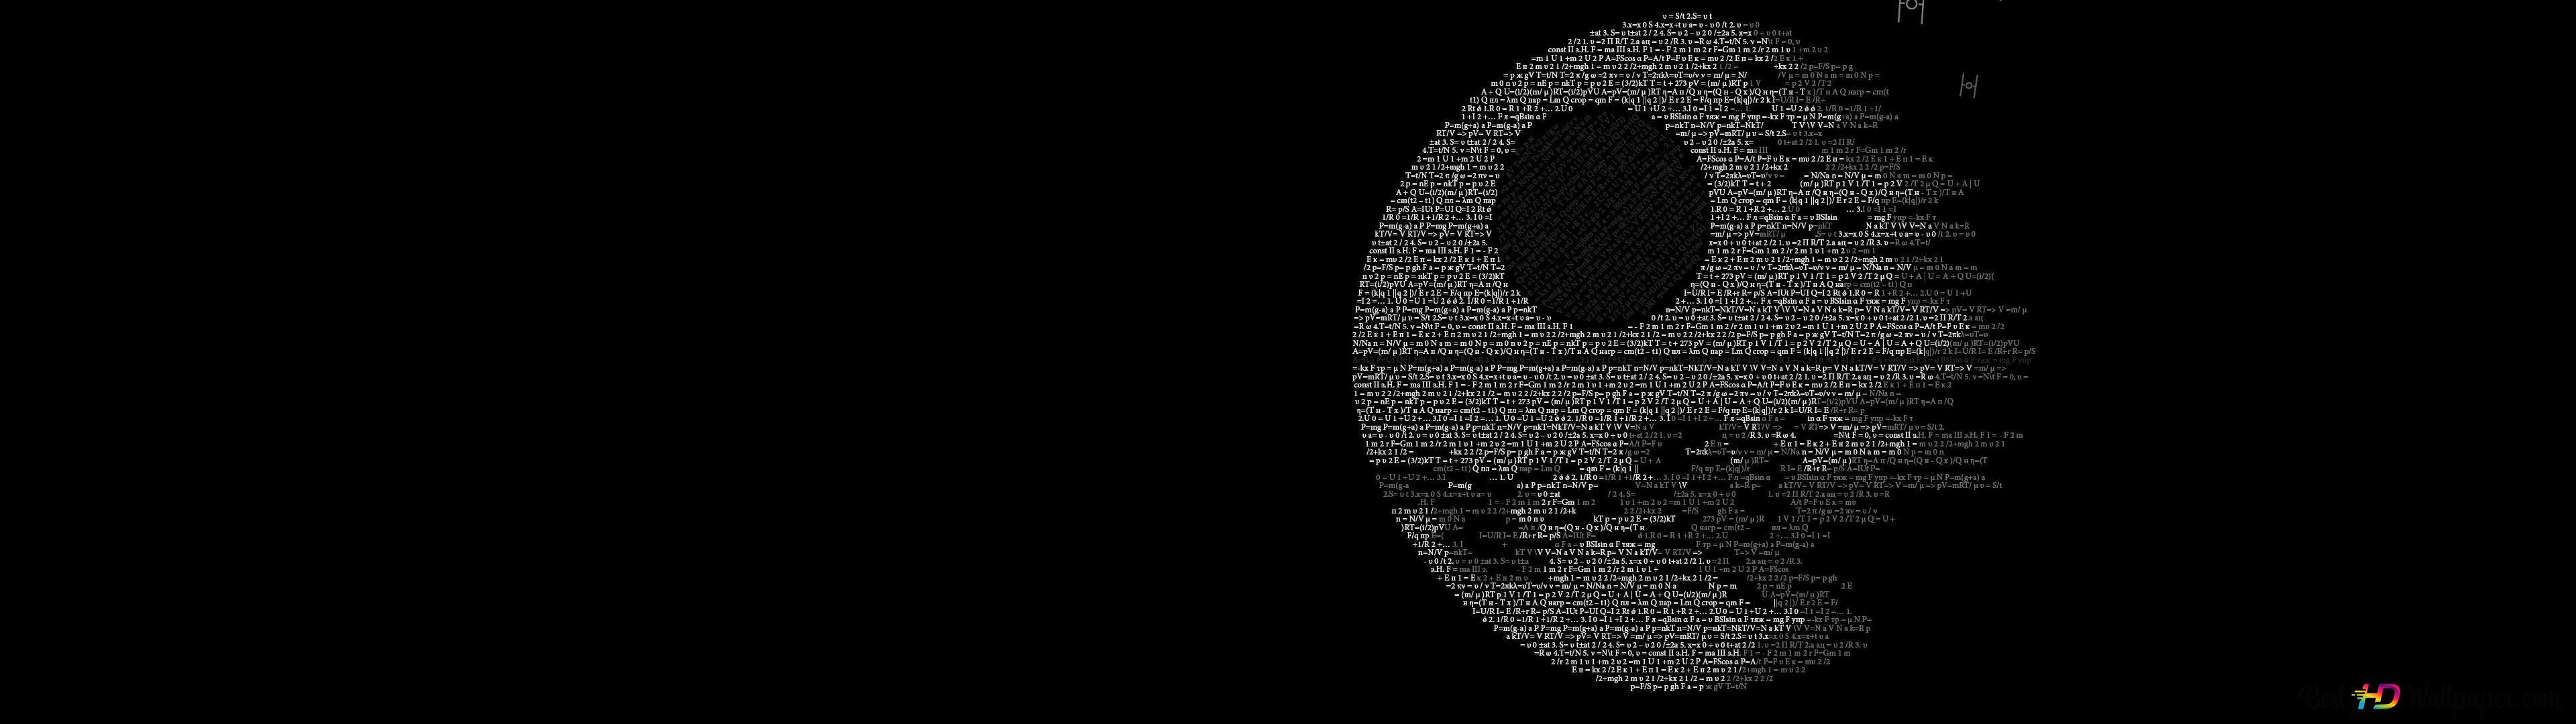 Star Wars Death Star Hd Wallpaper Download